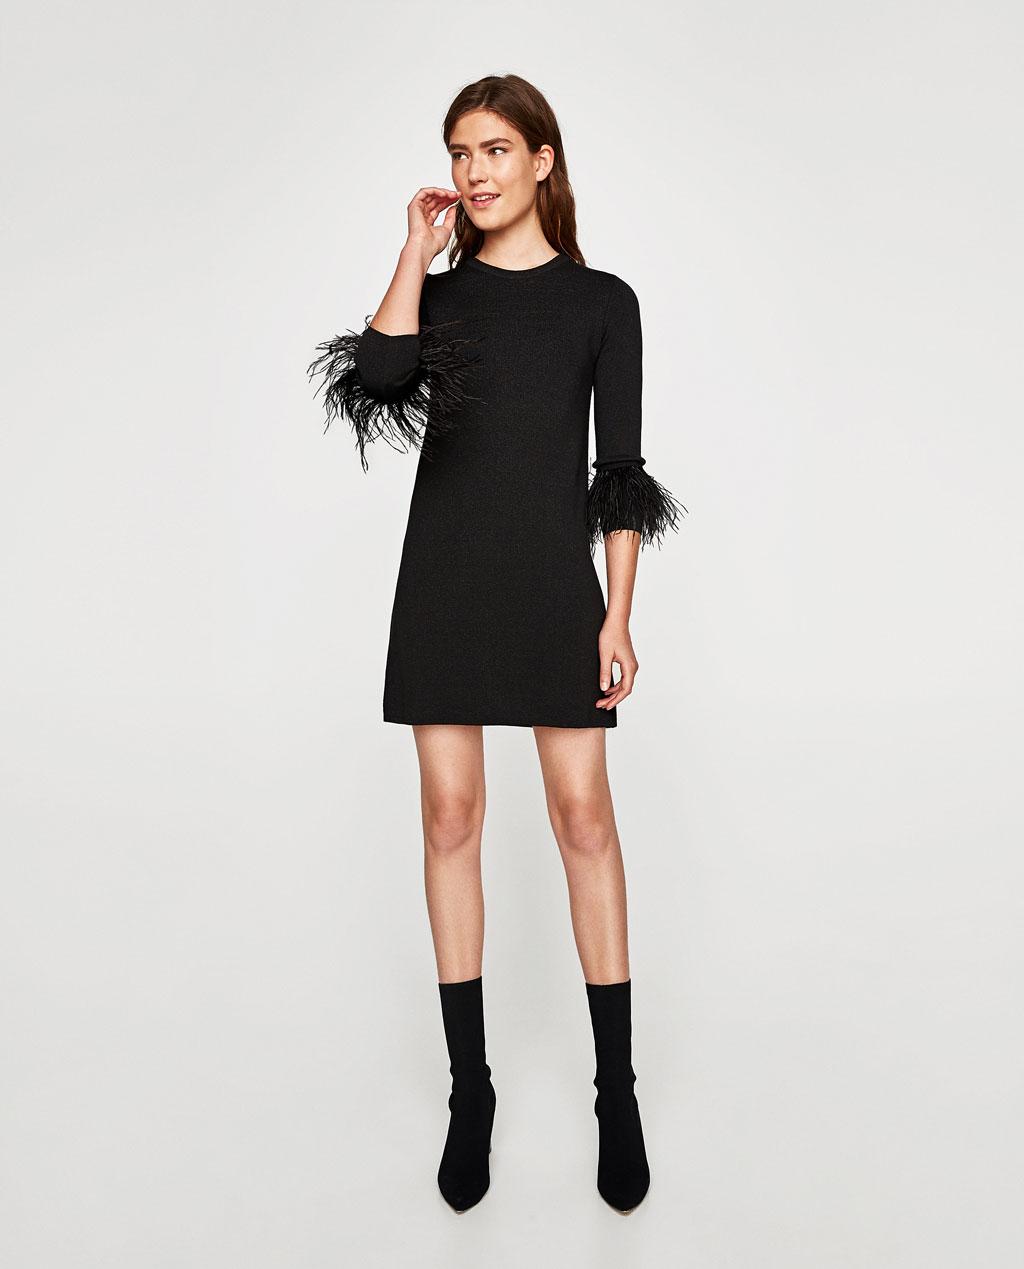 Feathers dress Zara